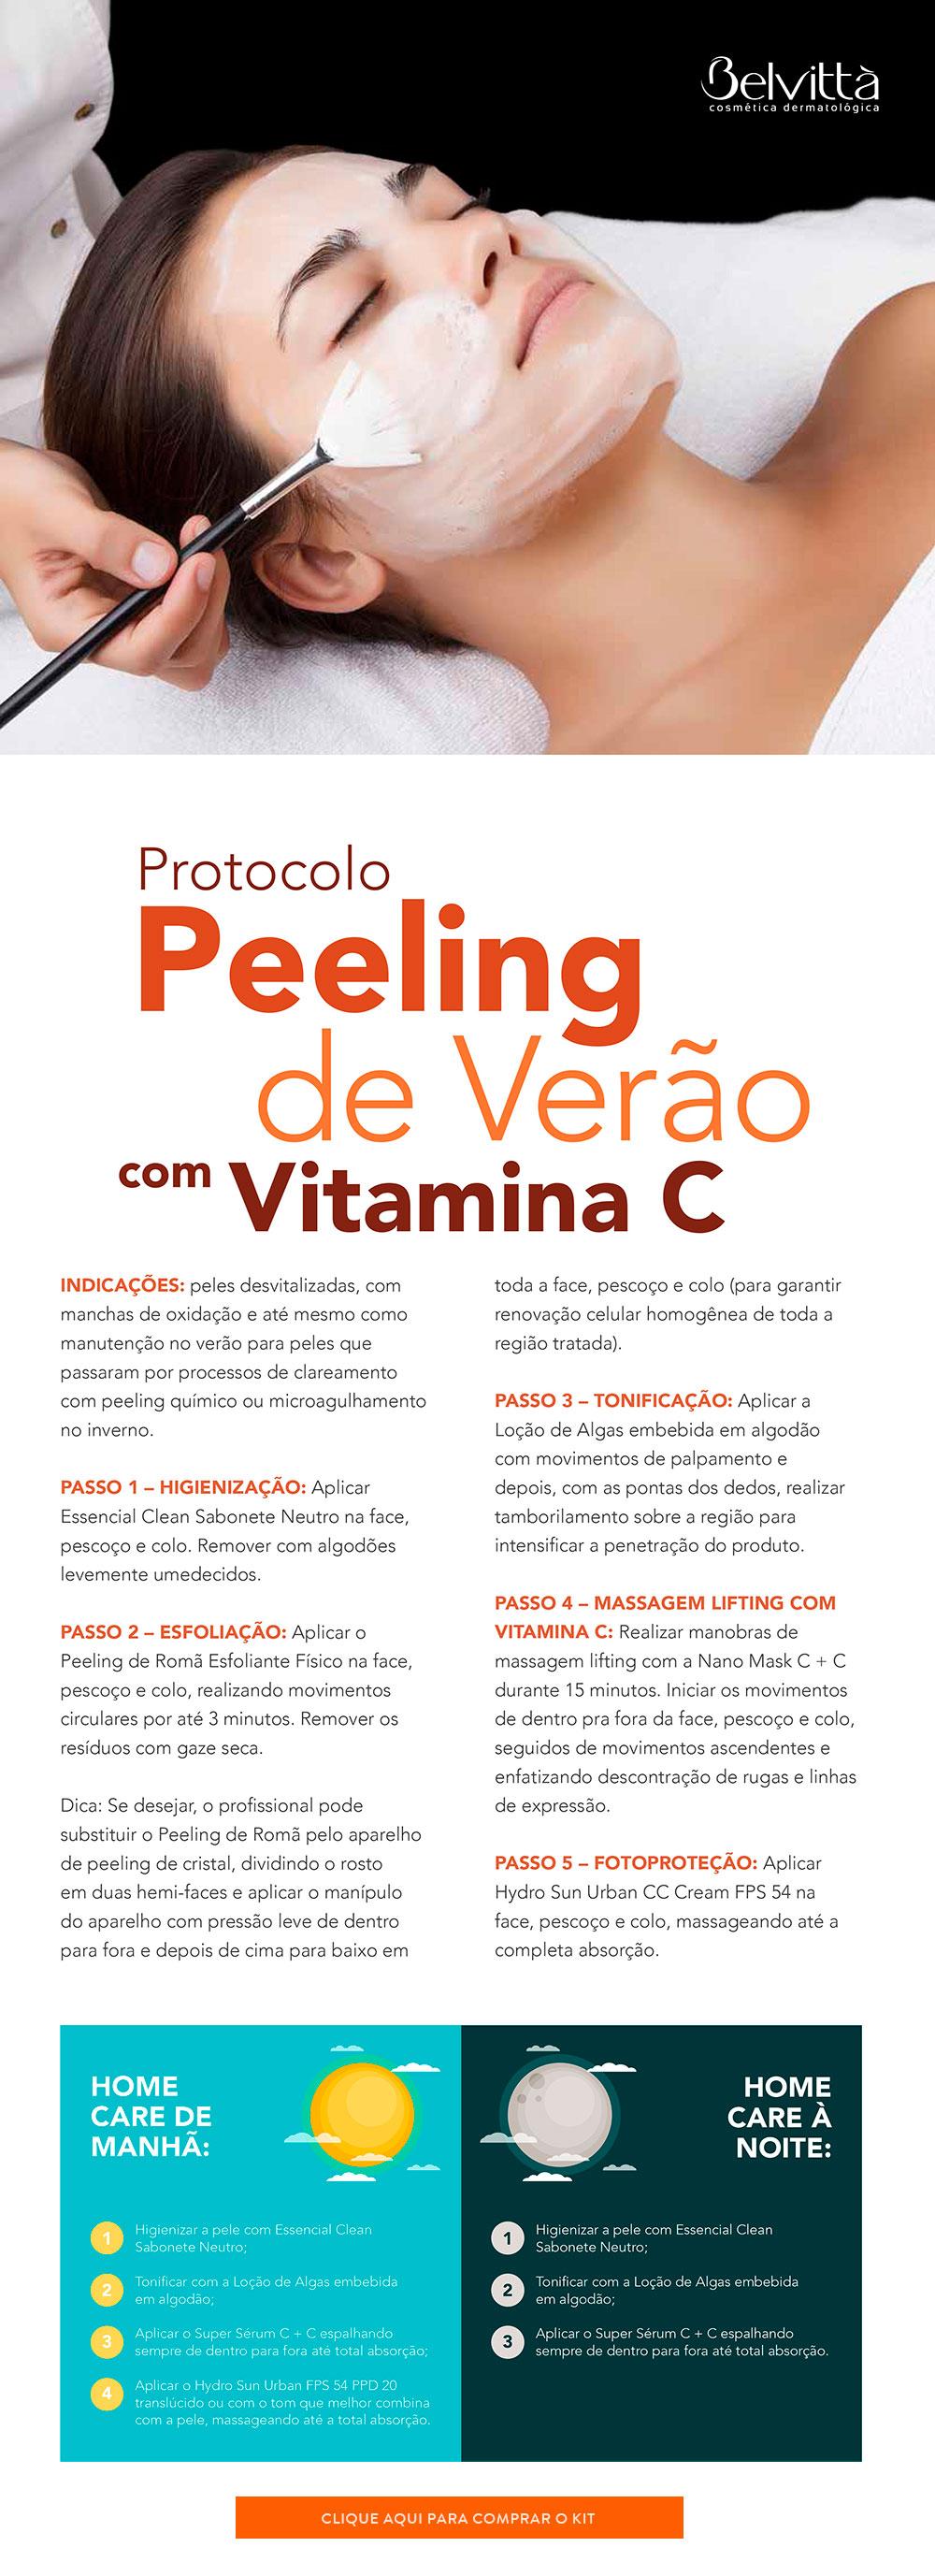 Protocolo-Peeling-de-Verão-com-Vitamina-C-blog1